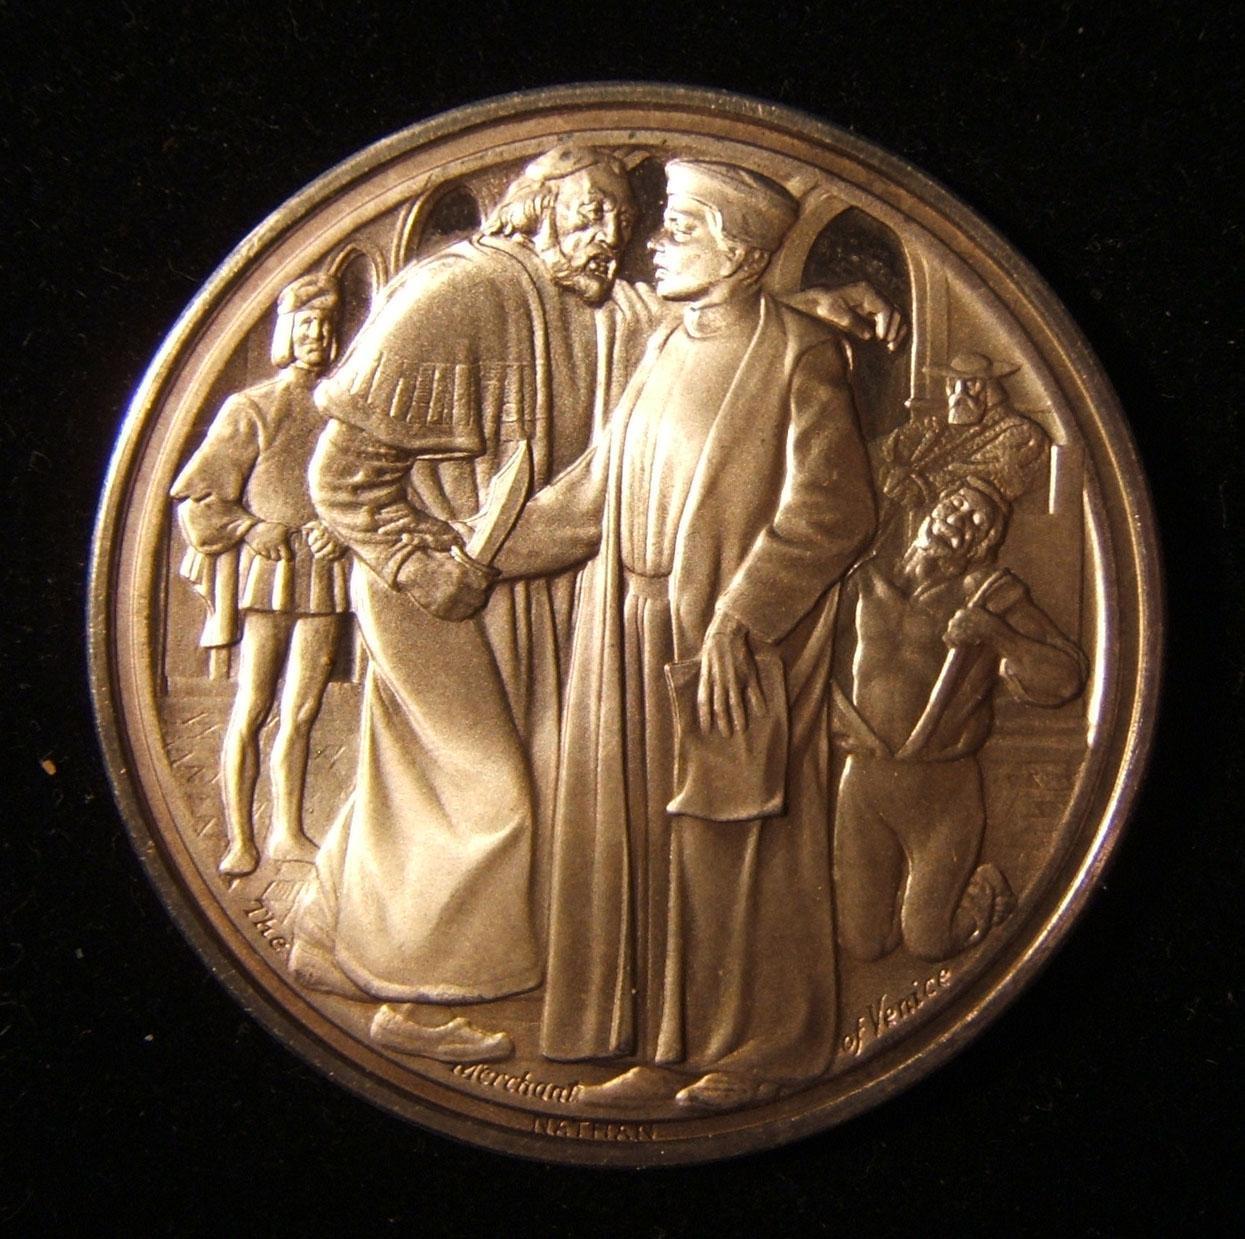 التاجر البريطاني في البندقية فضية يهودية ميدالية من قبل شركة شكسبير / فليب ناثان